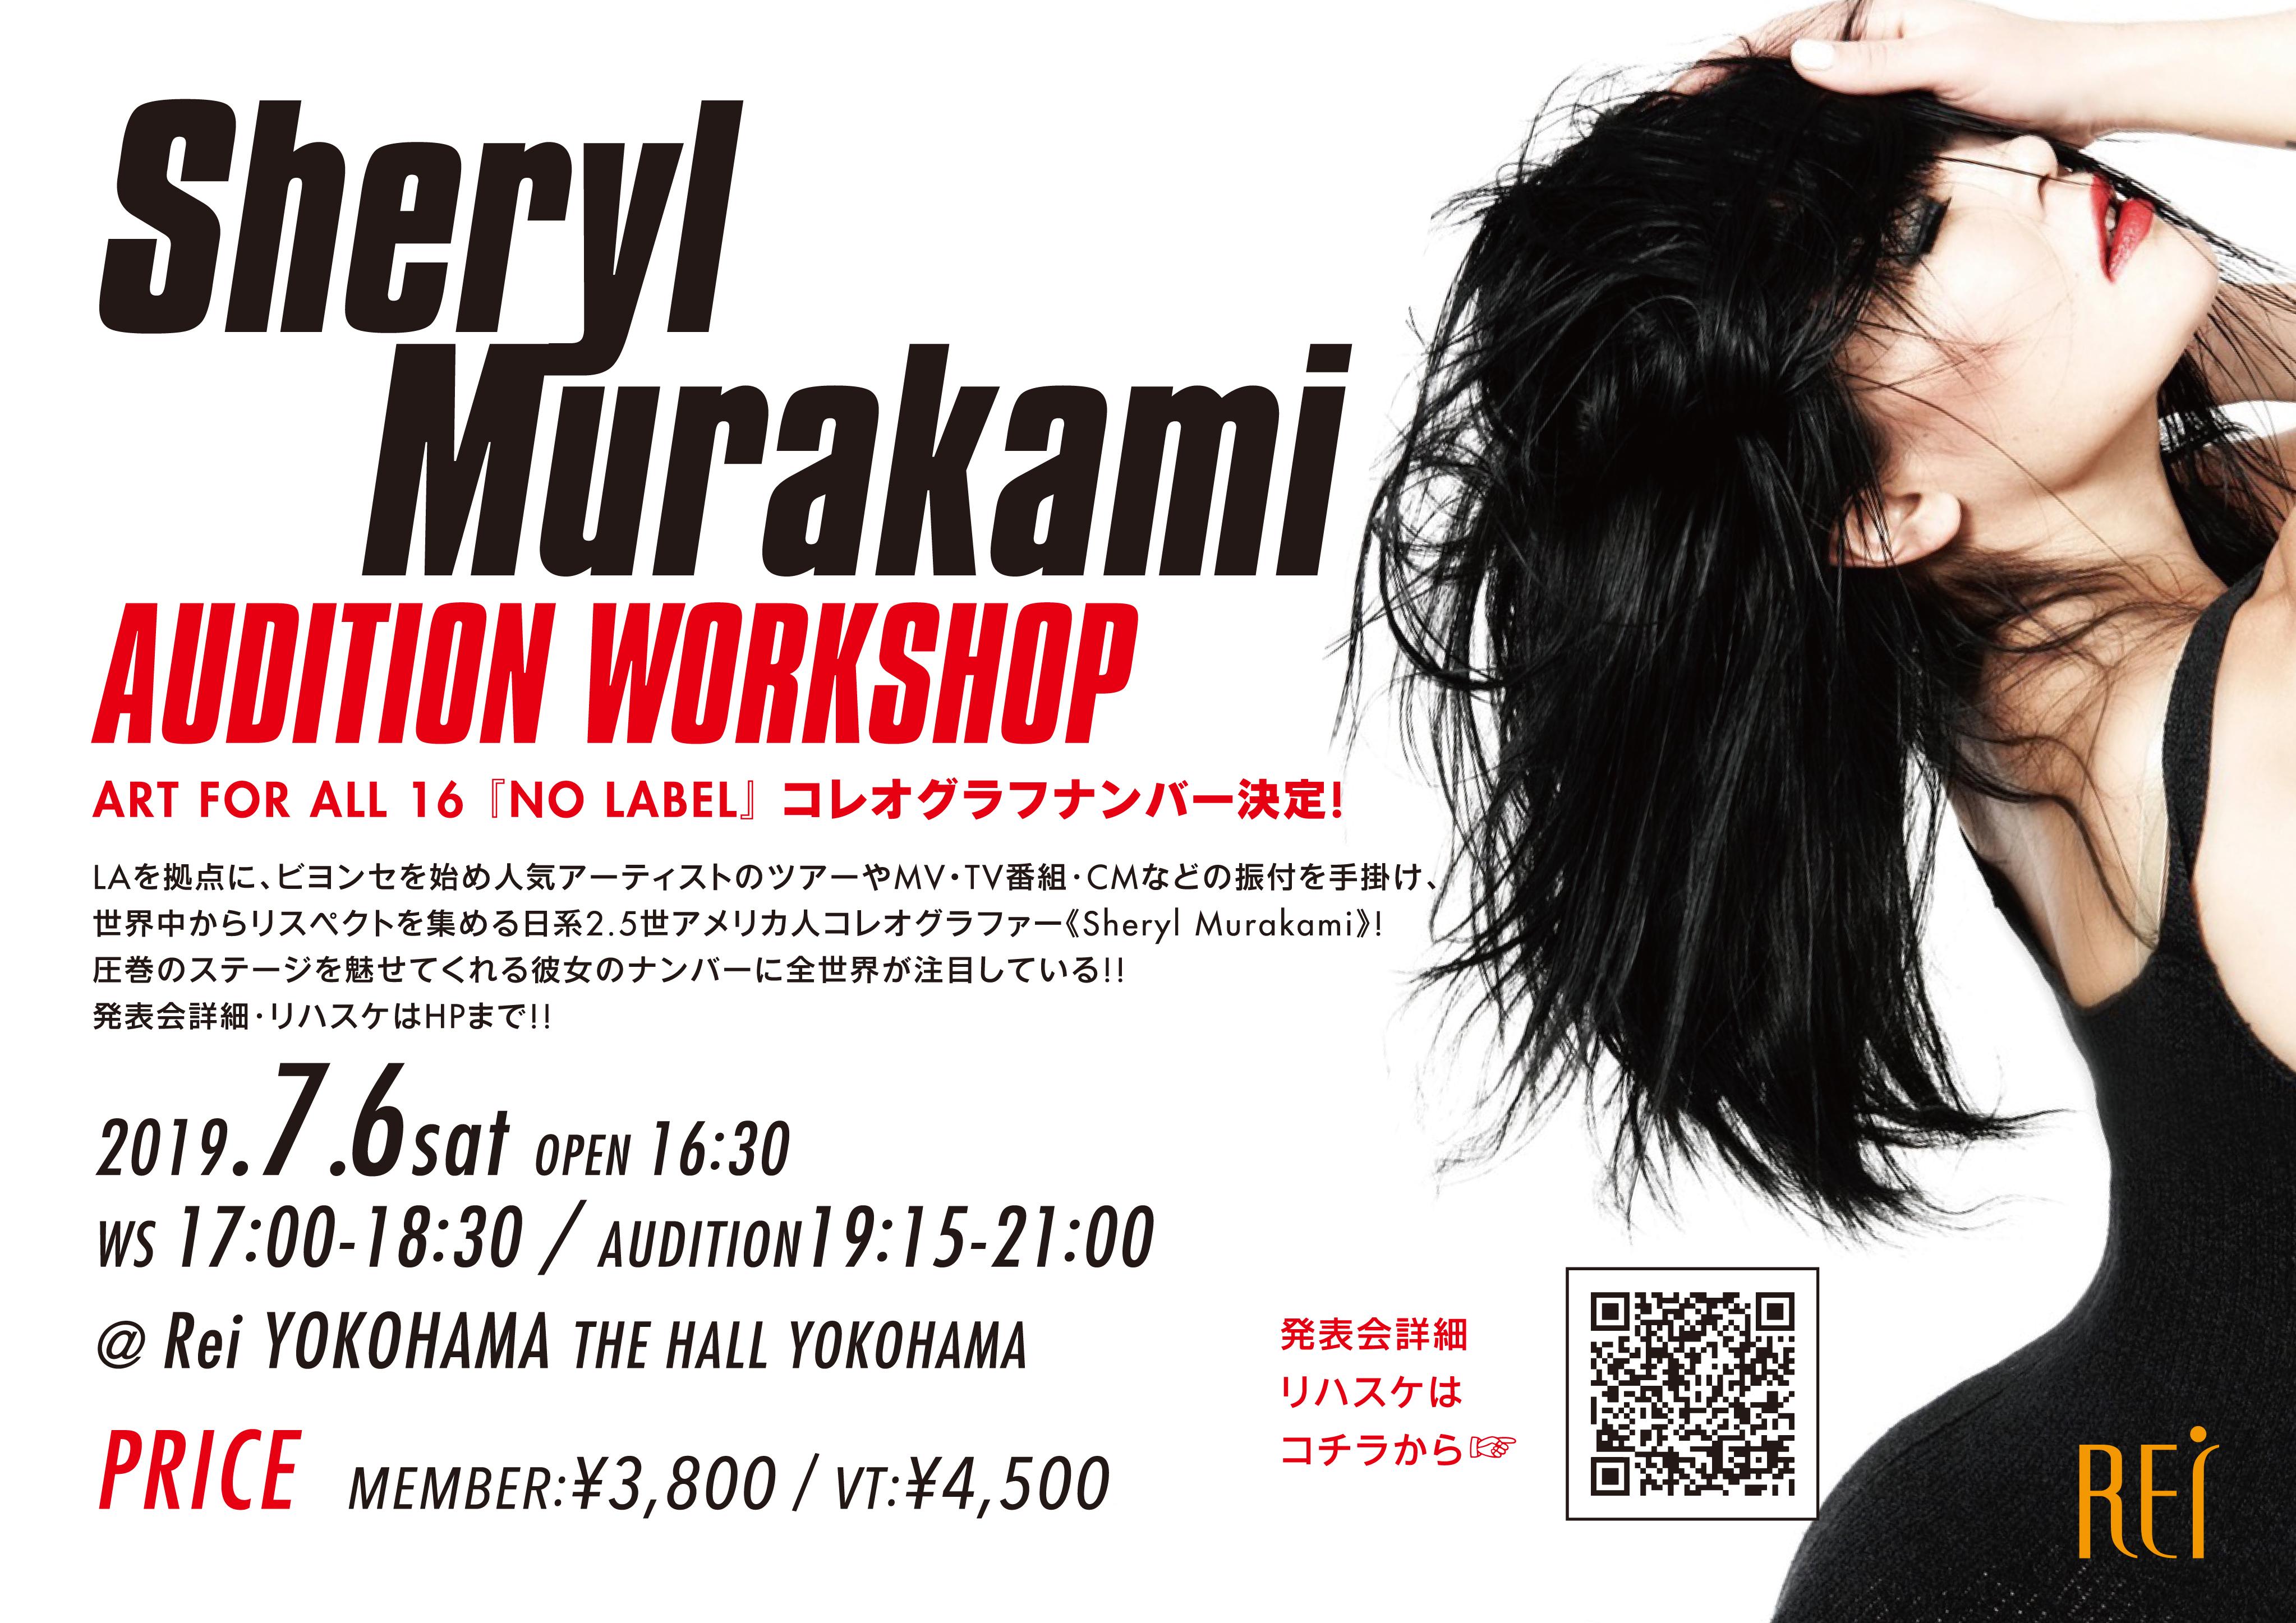 Sheryl Murakami【NO LABEL】出展決定!オーディション&ワークショップ開催!!